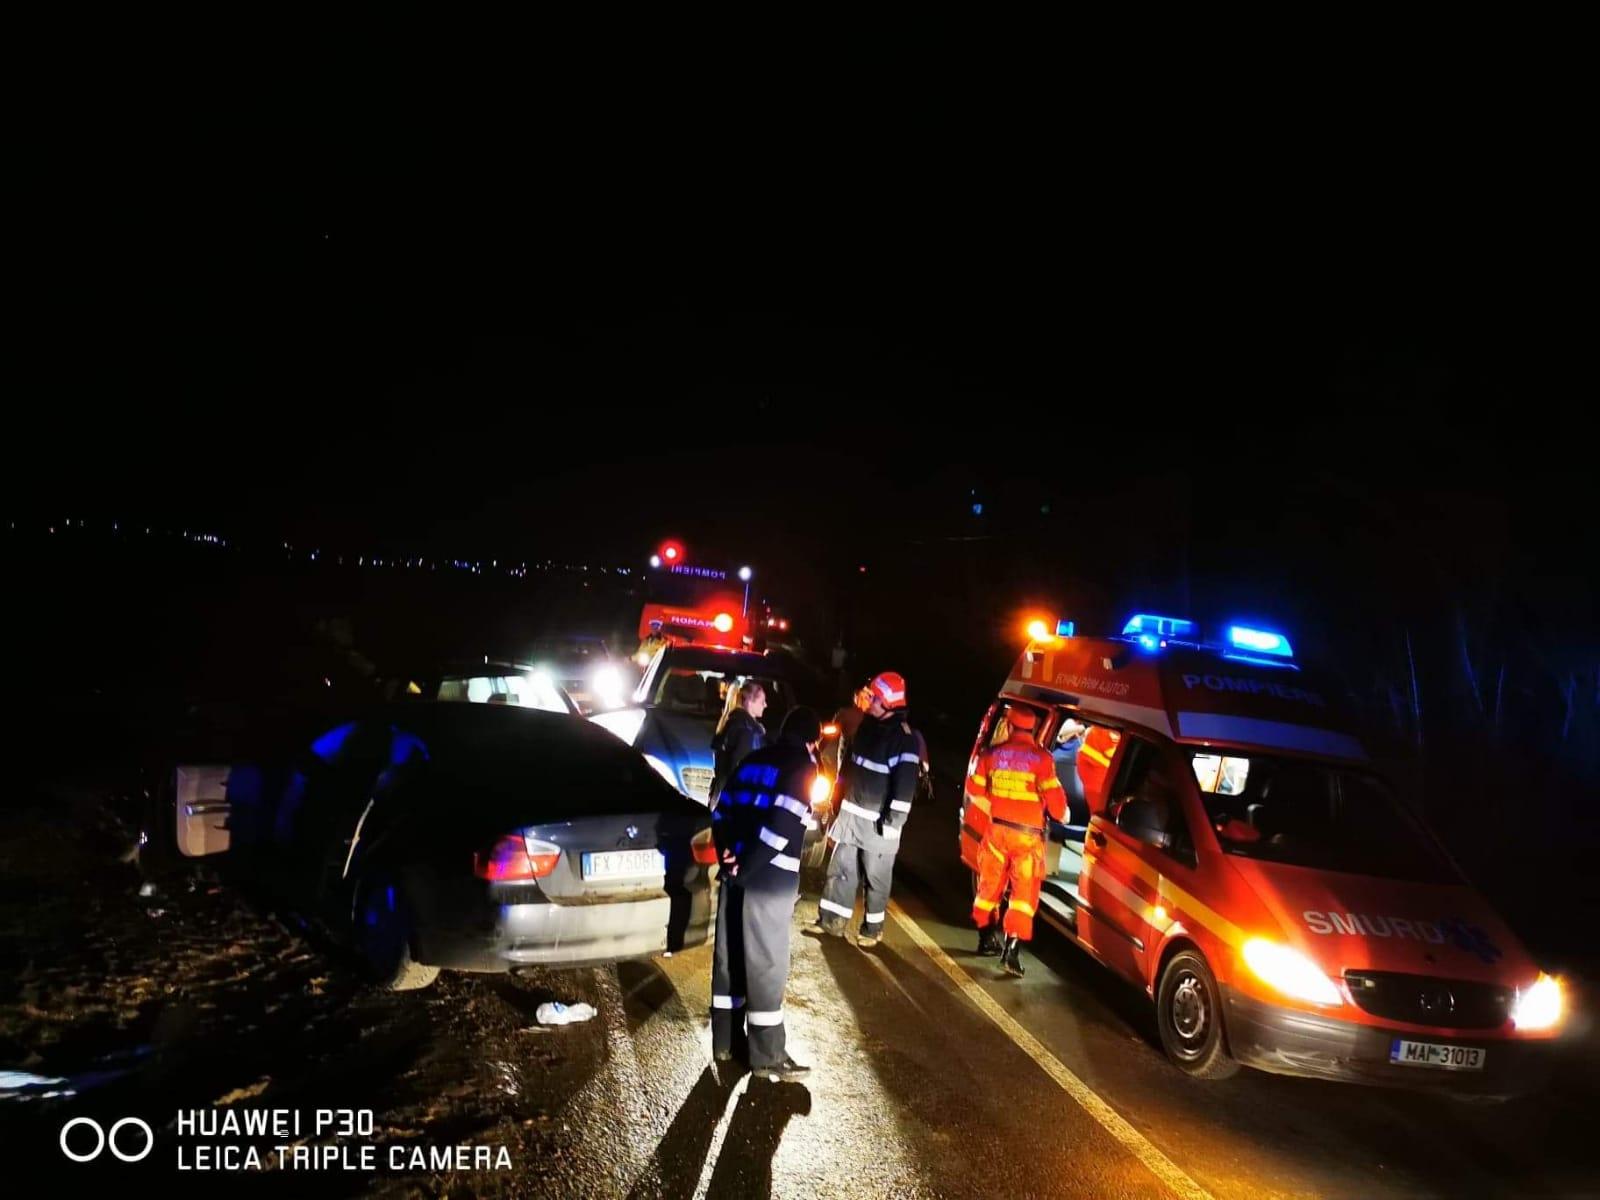 Cod roșu – Accident cu 5 victime în Gherța, o gravidă și un bebeluș printre victime